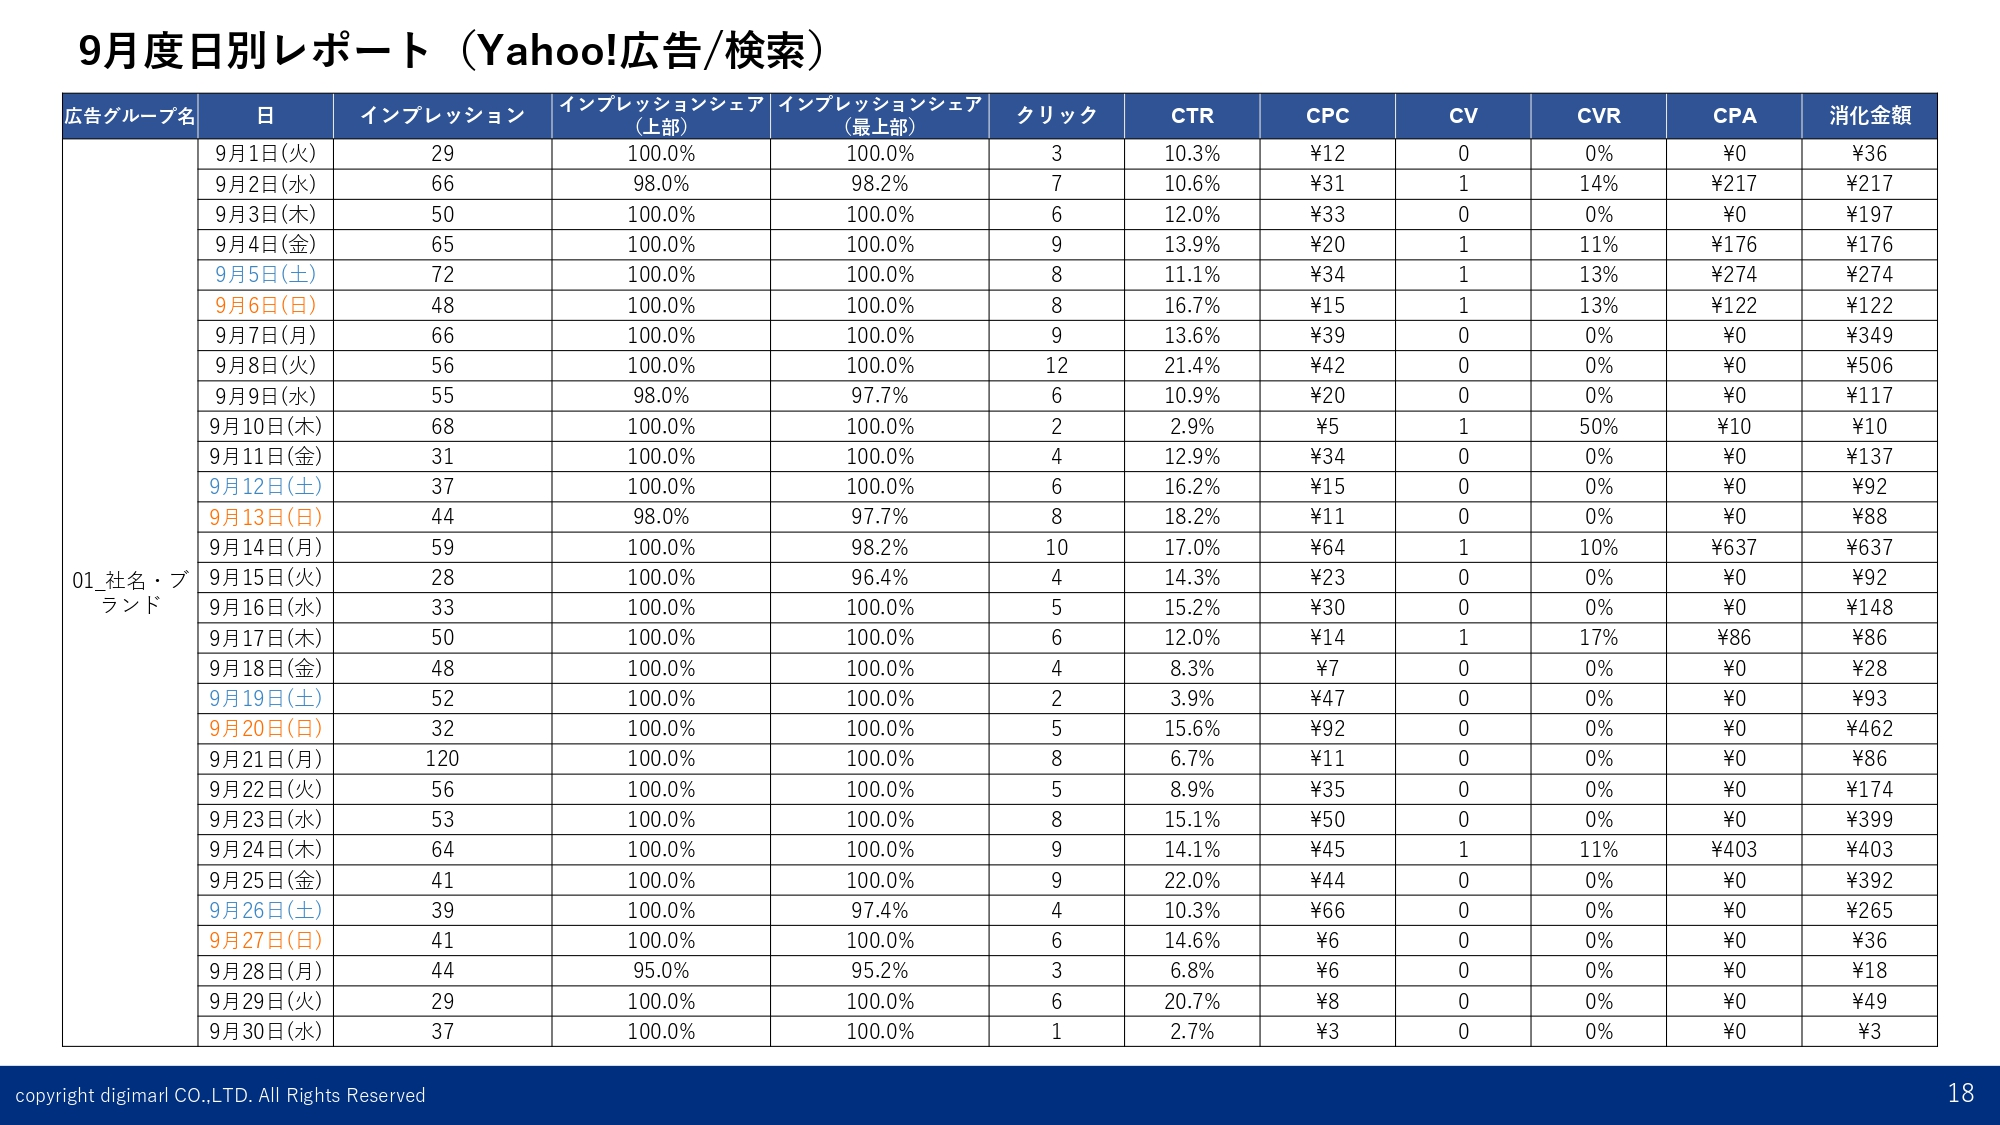 日別レポート-Yahoo!-指名